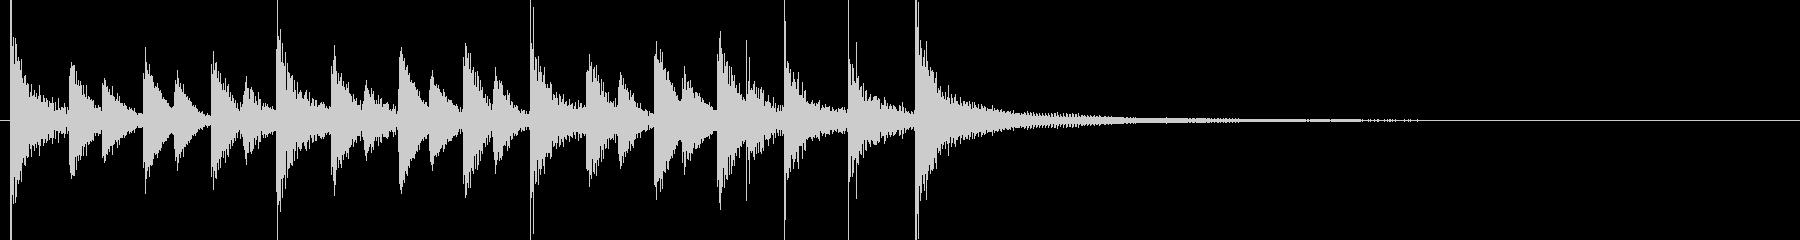 ドラム/ティンバレス フィルイン 19の未再生の波形